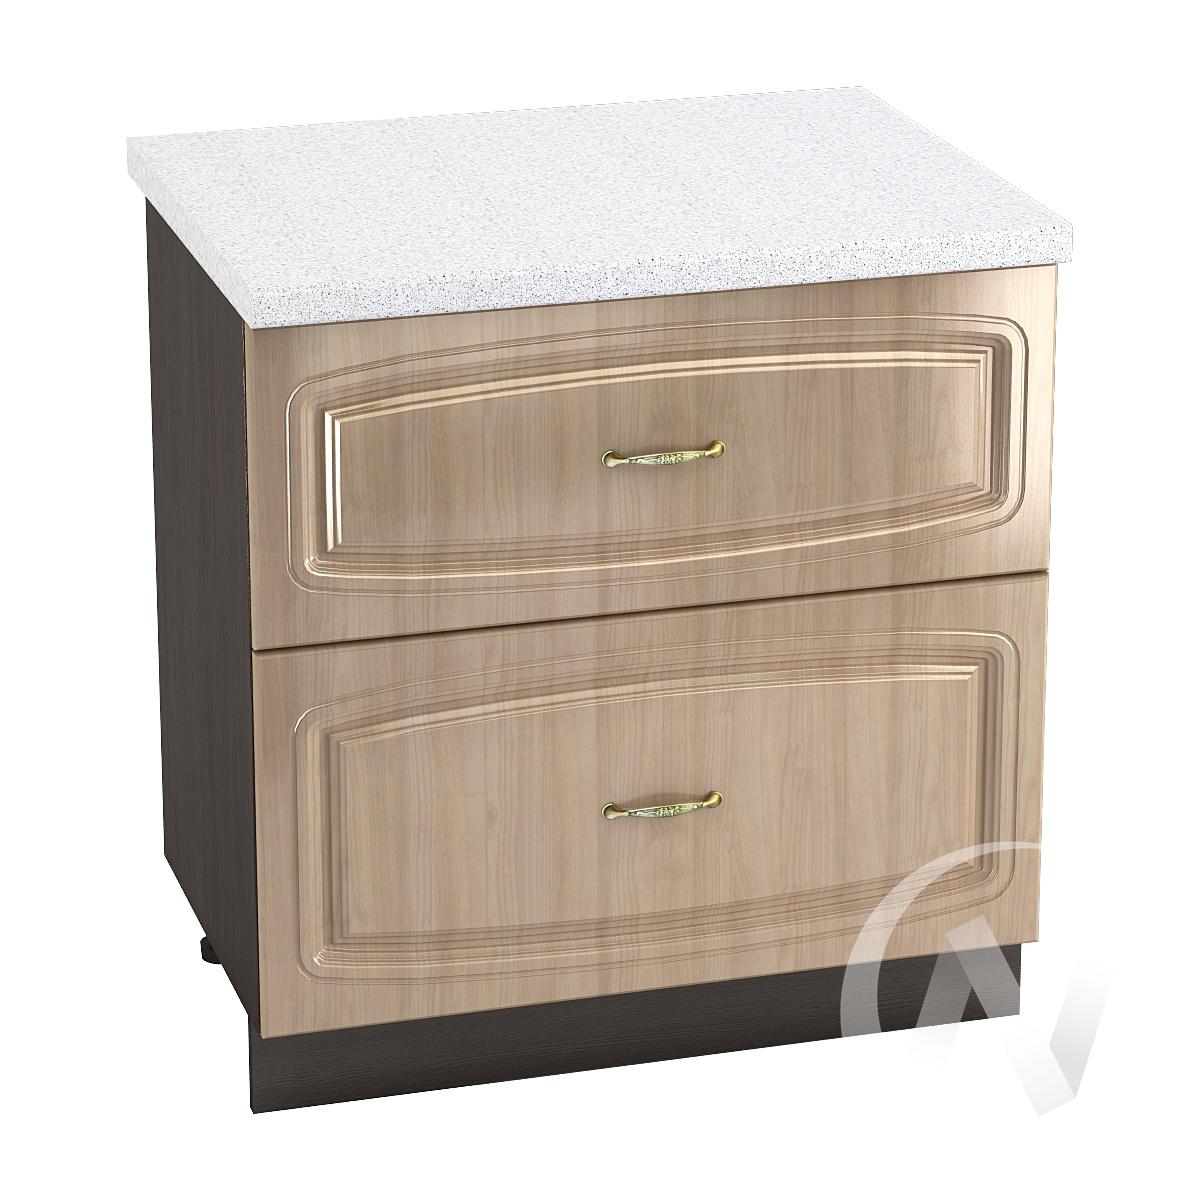 """Кухня """"Сити"""": Шкаф нижний с 2-мя ящиками 800, ШН2Я 800 (корпус венге)"""